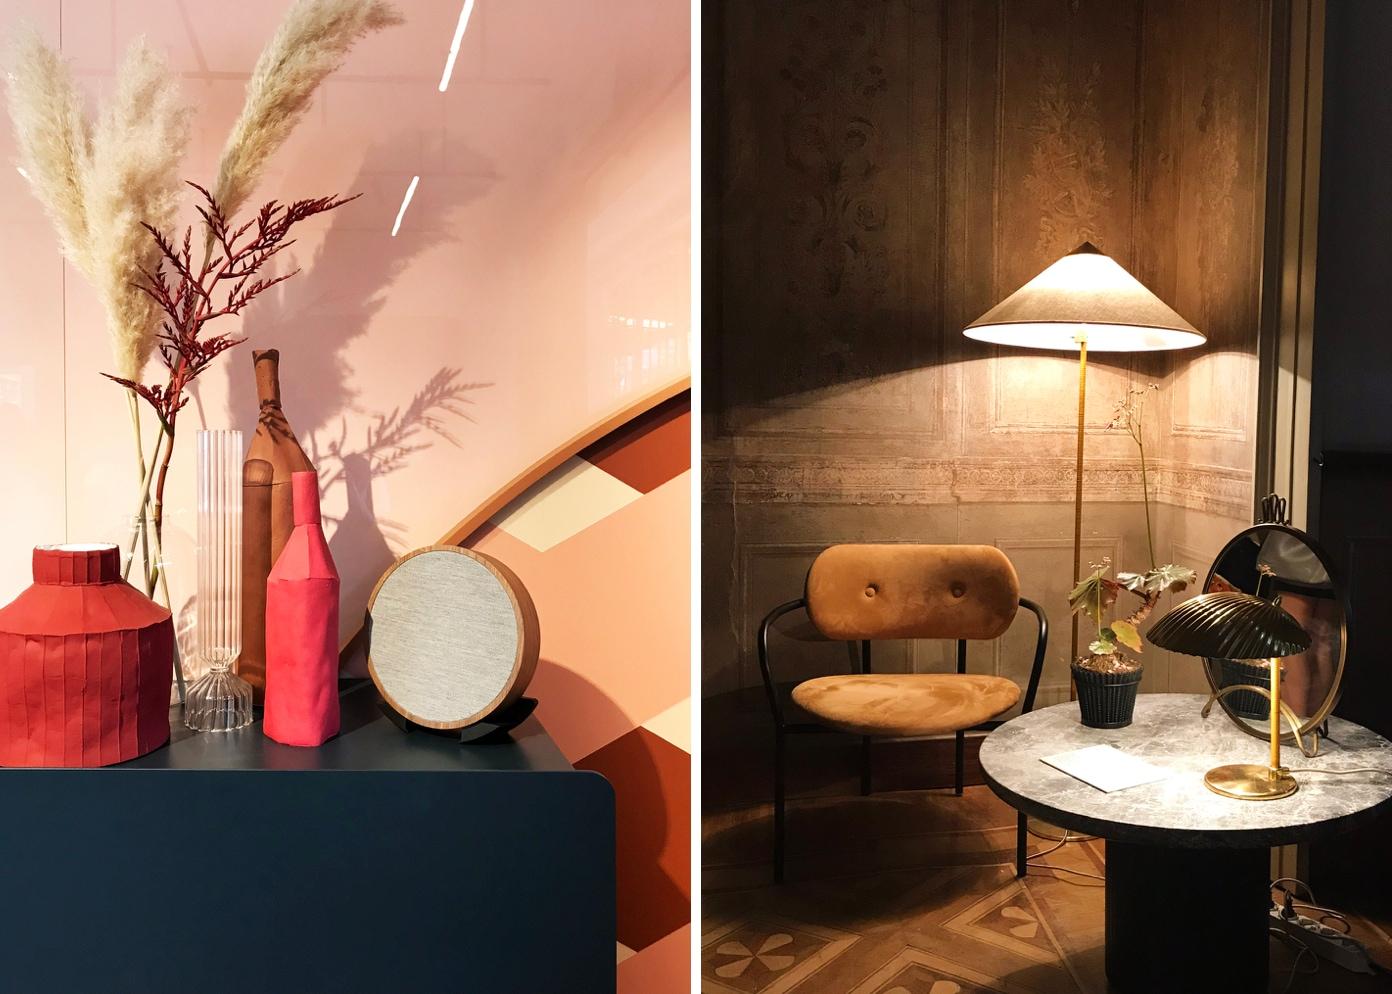 Interior design featuring furniture and various decor